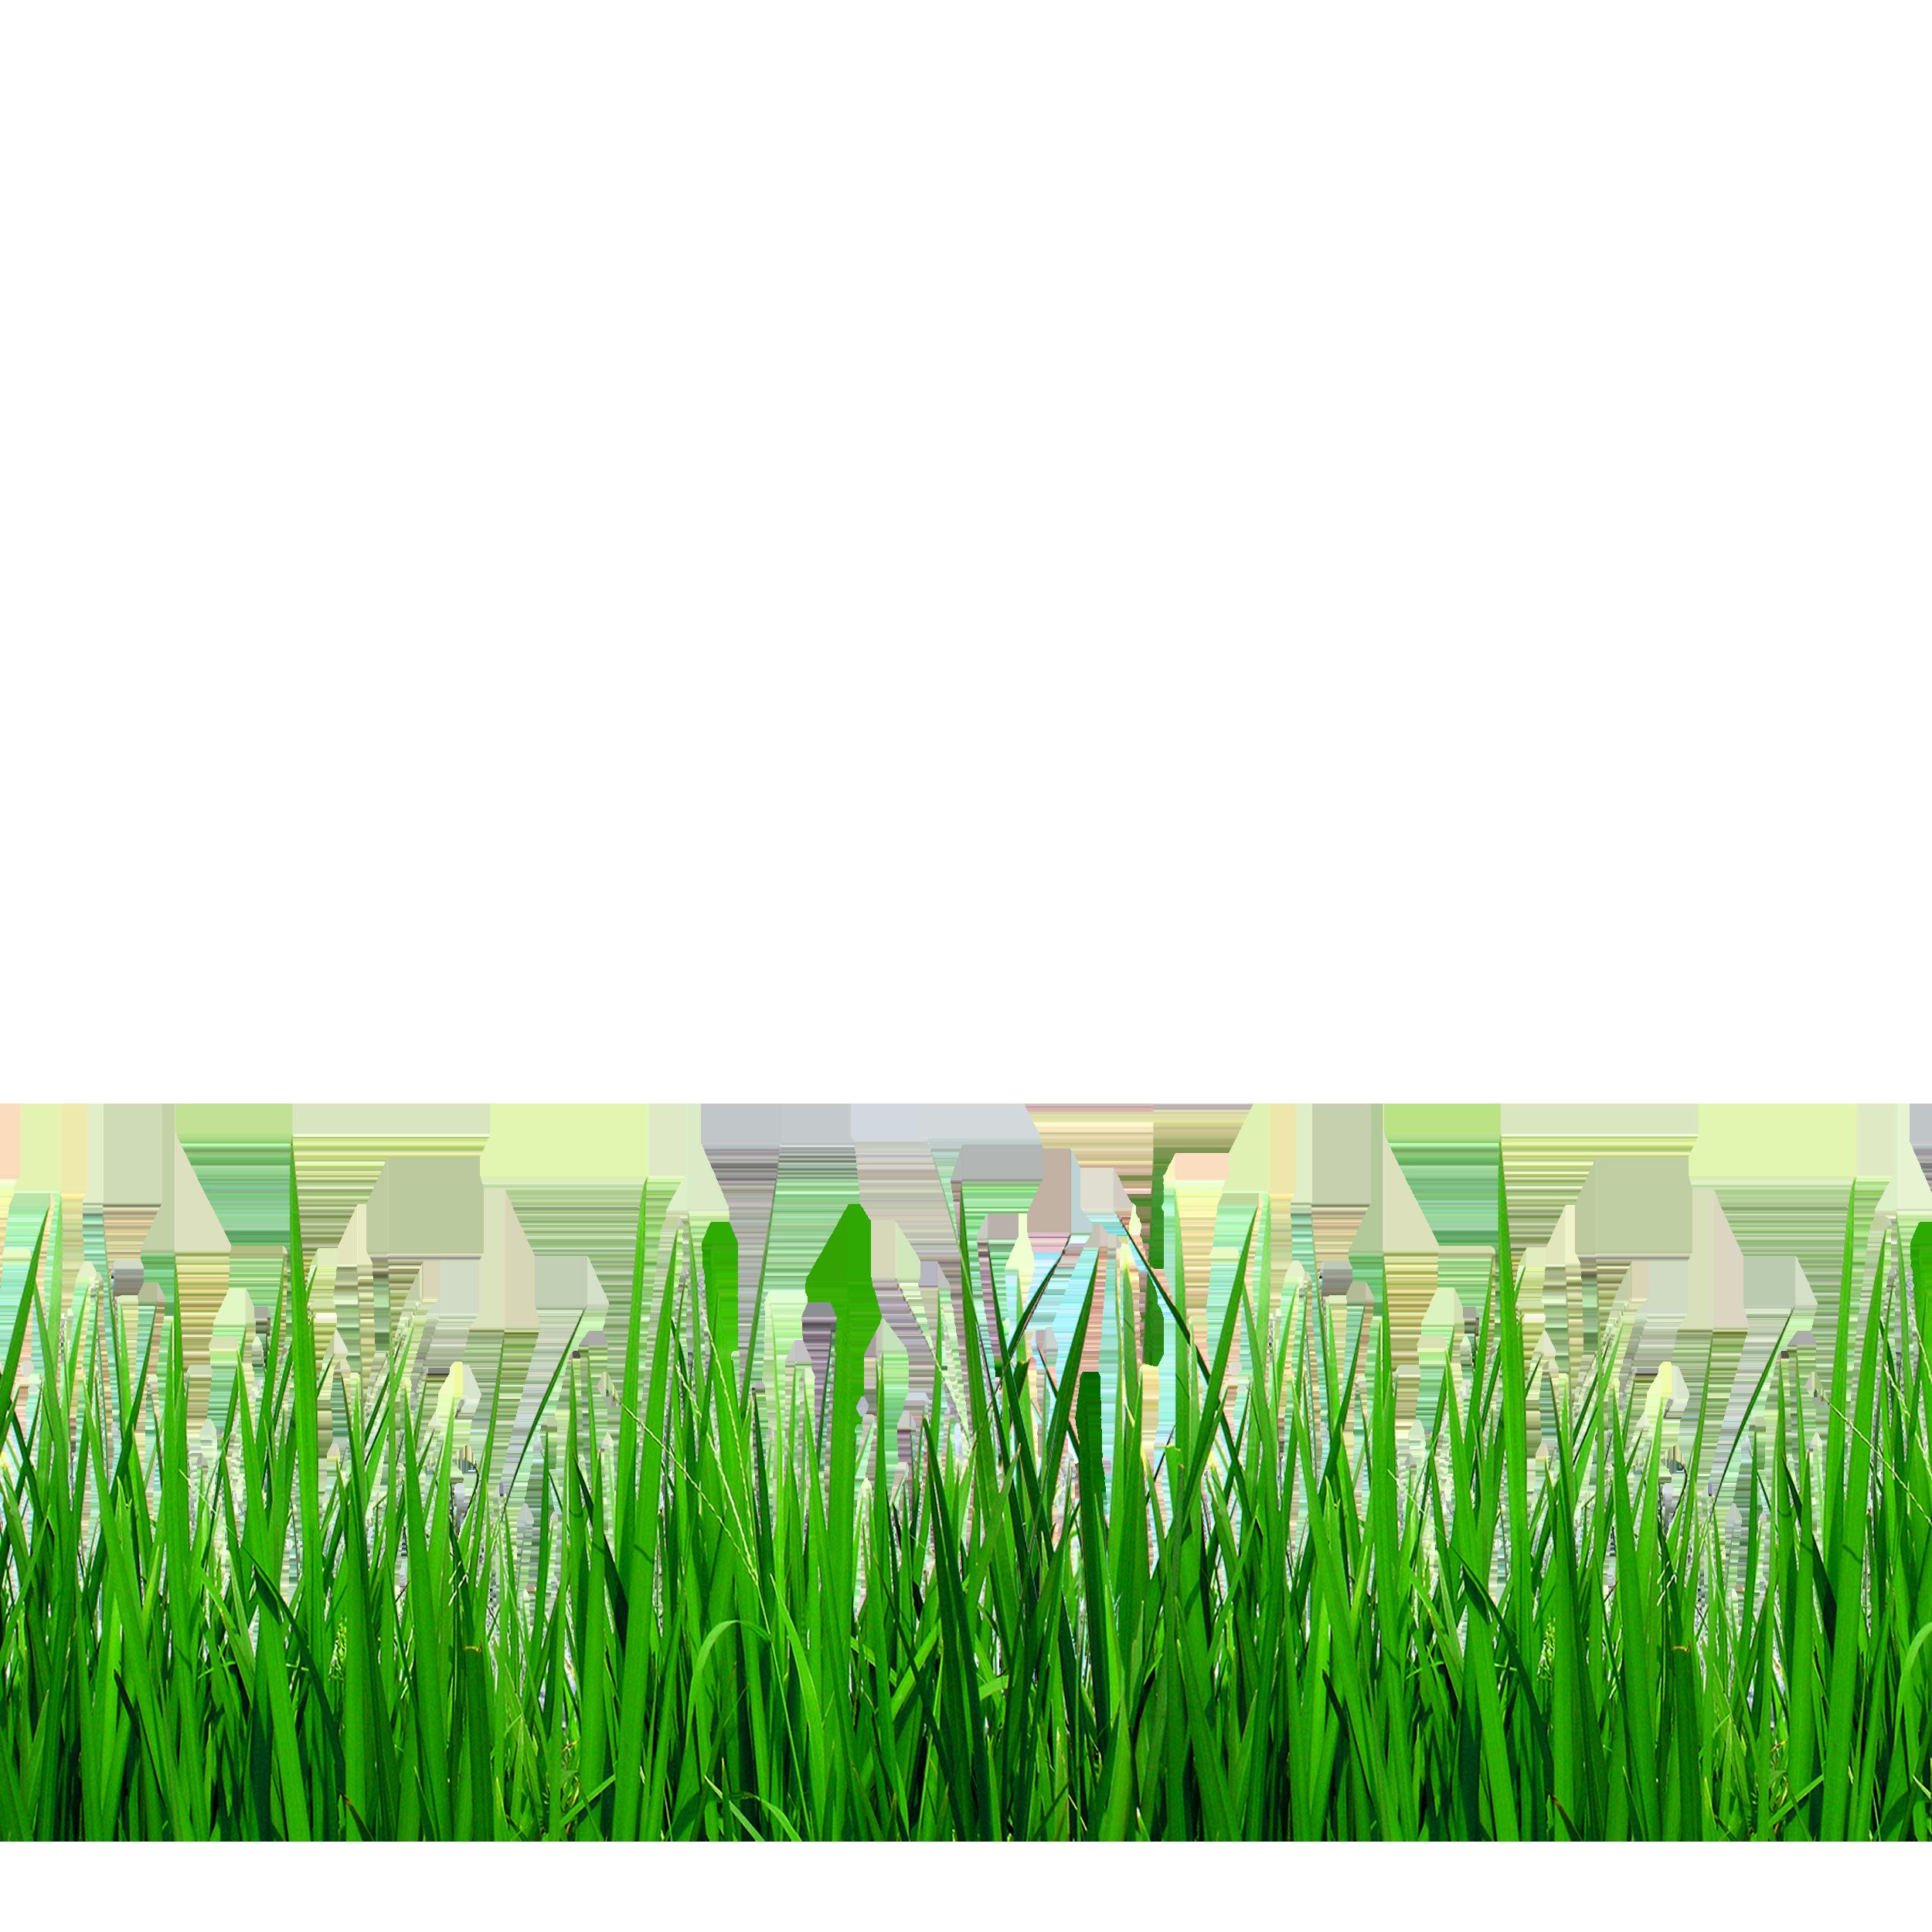 Grass border png. Download grasses clip art